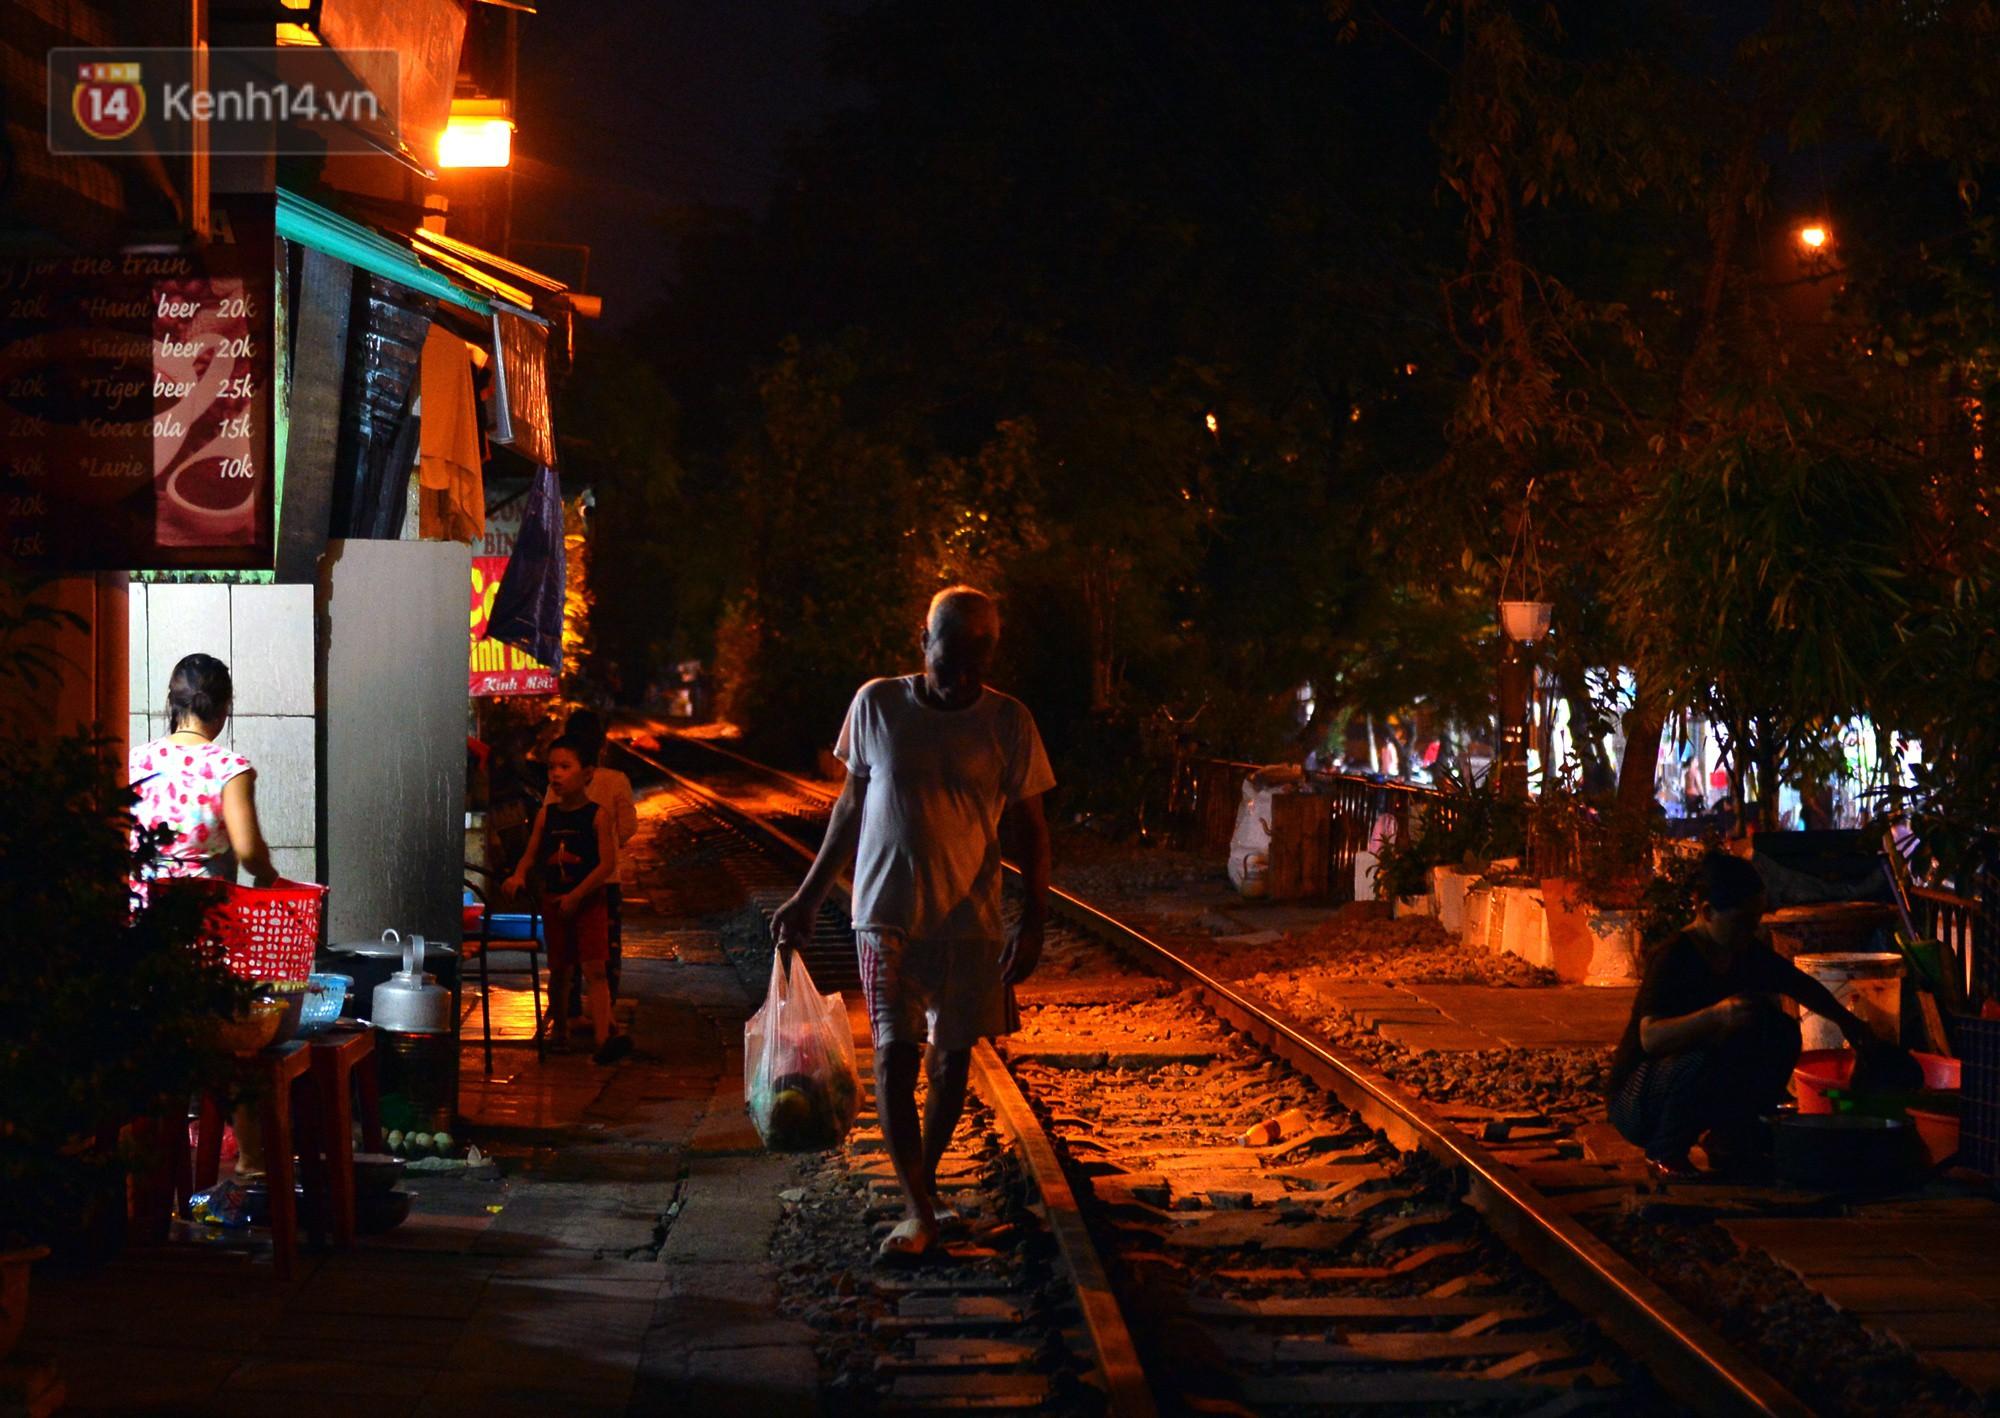 Hà Nội: Xóm đường tàu đẹp không kém làng cổ Thập Phần, Đài Loan - Ảnh 17.